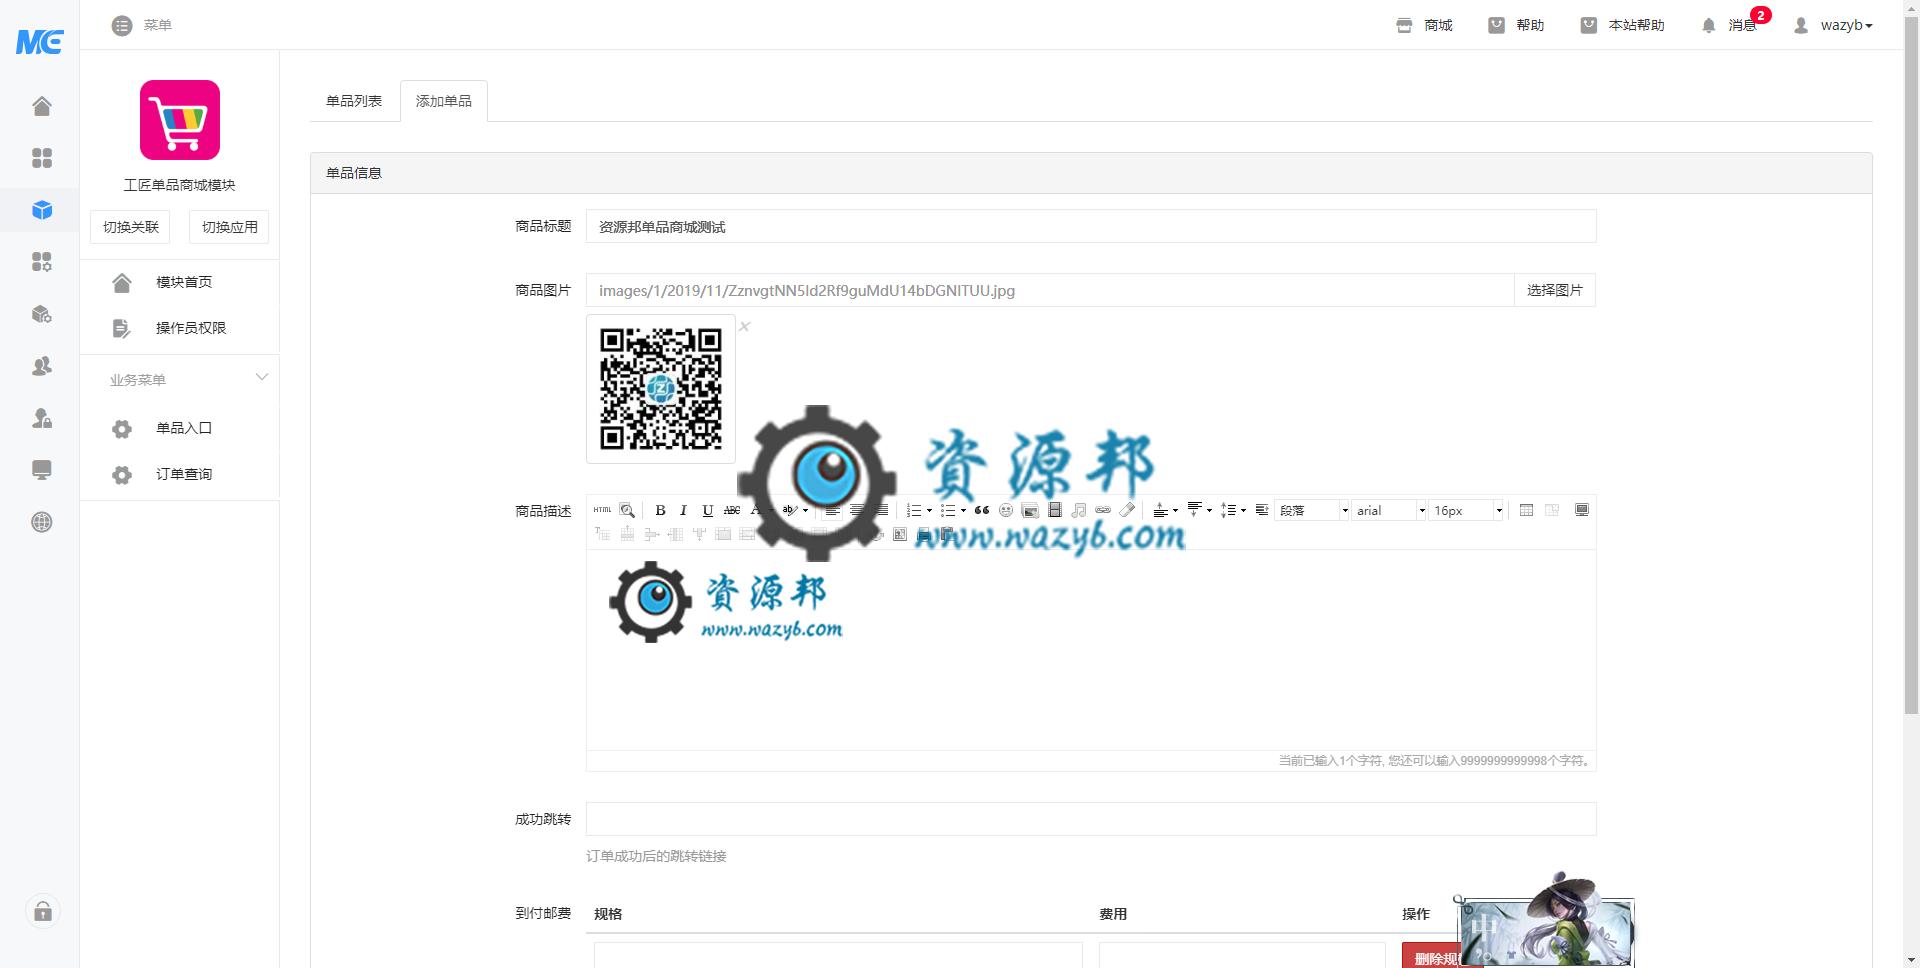 【微擎模块】工匠单品商城模块V1.0.1全开源解密版,一款微信单商品售卖发货系统 功能模块 第2张